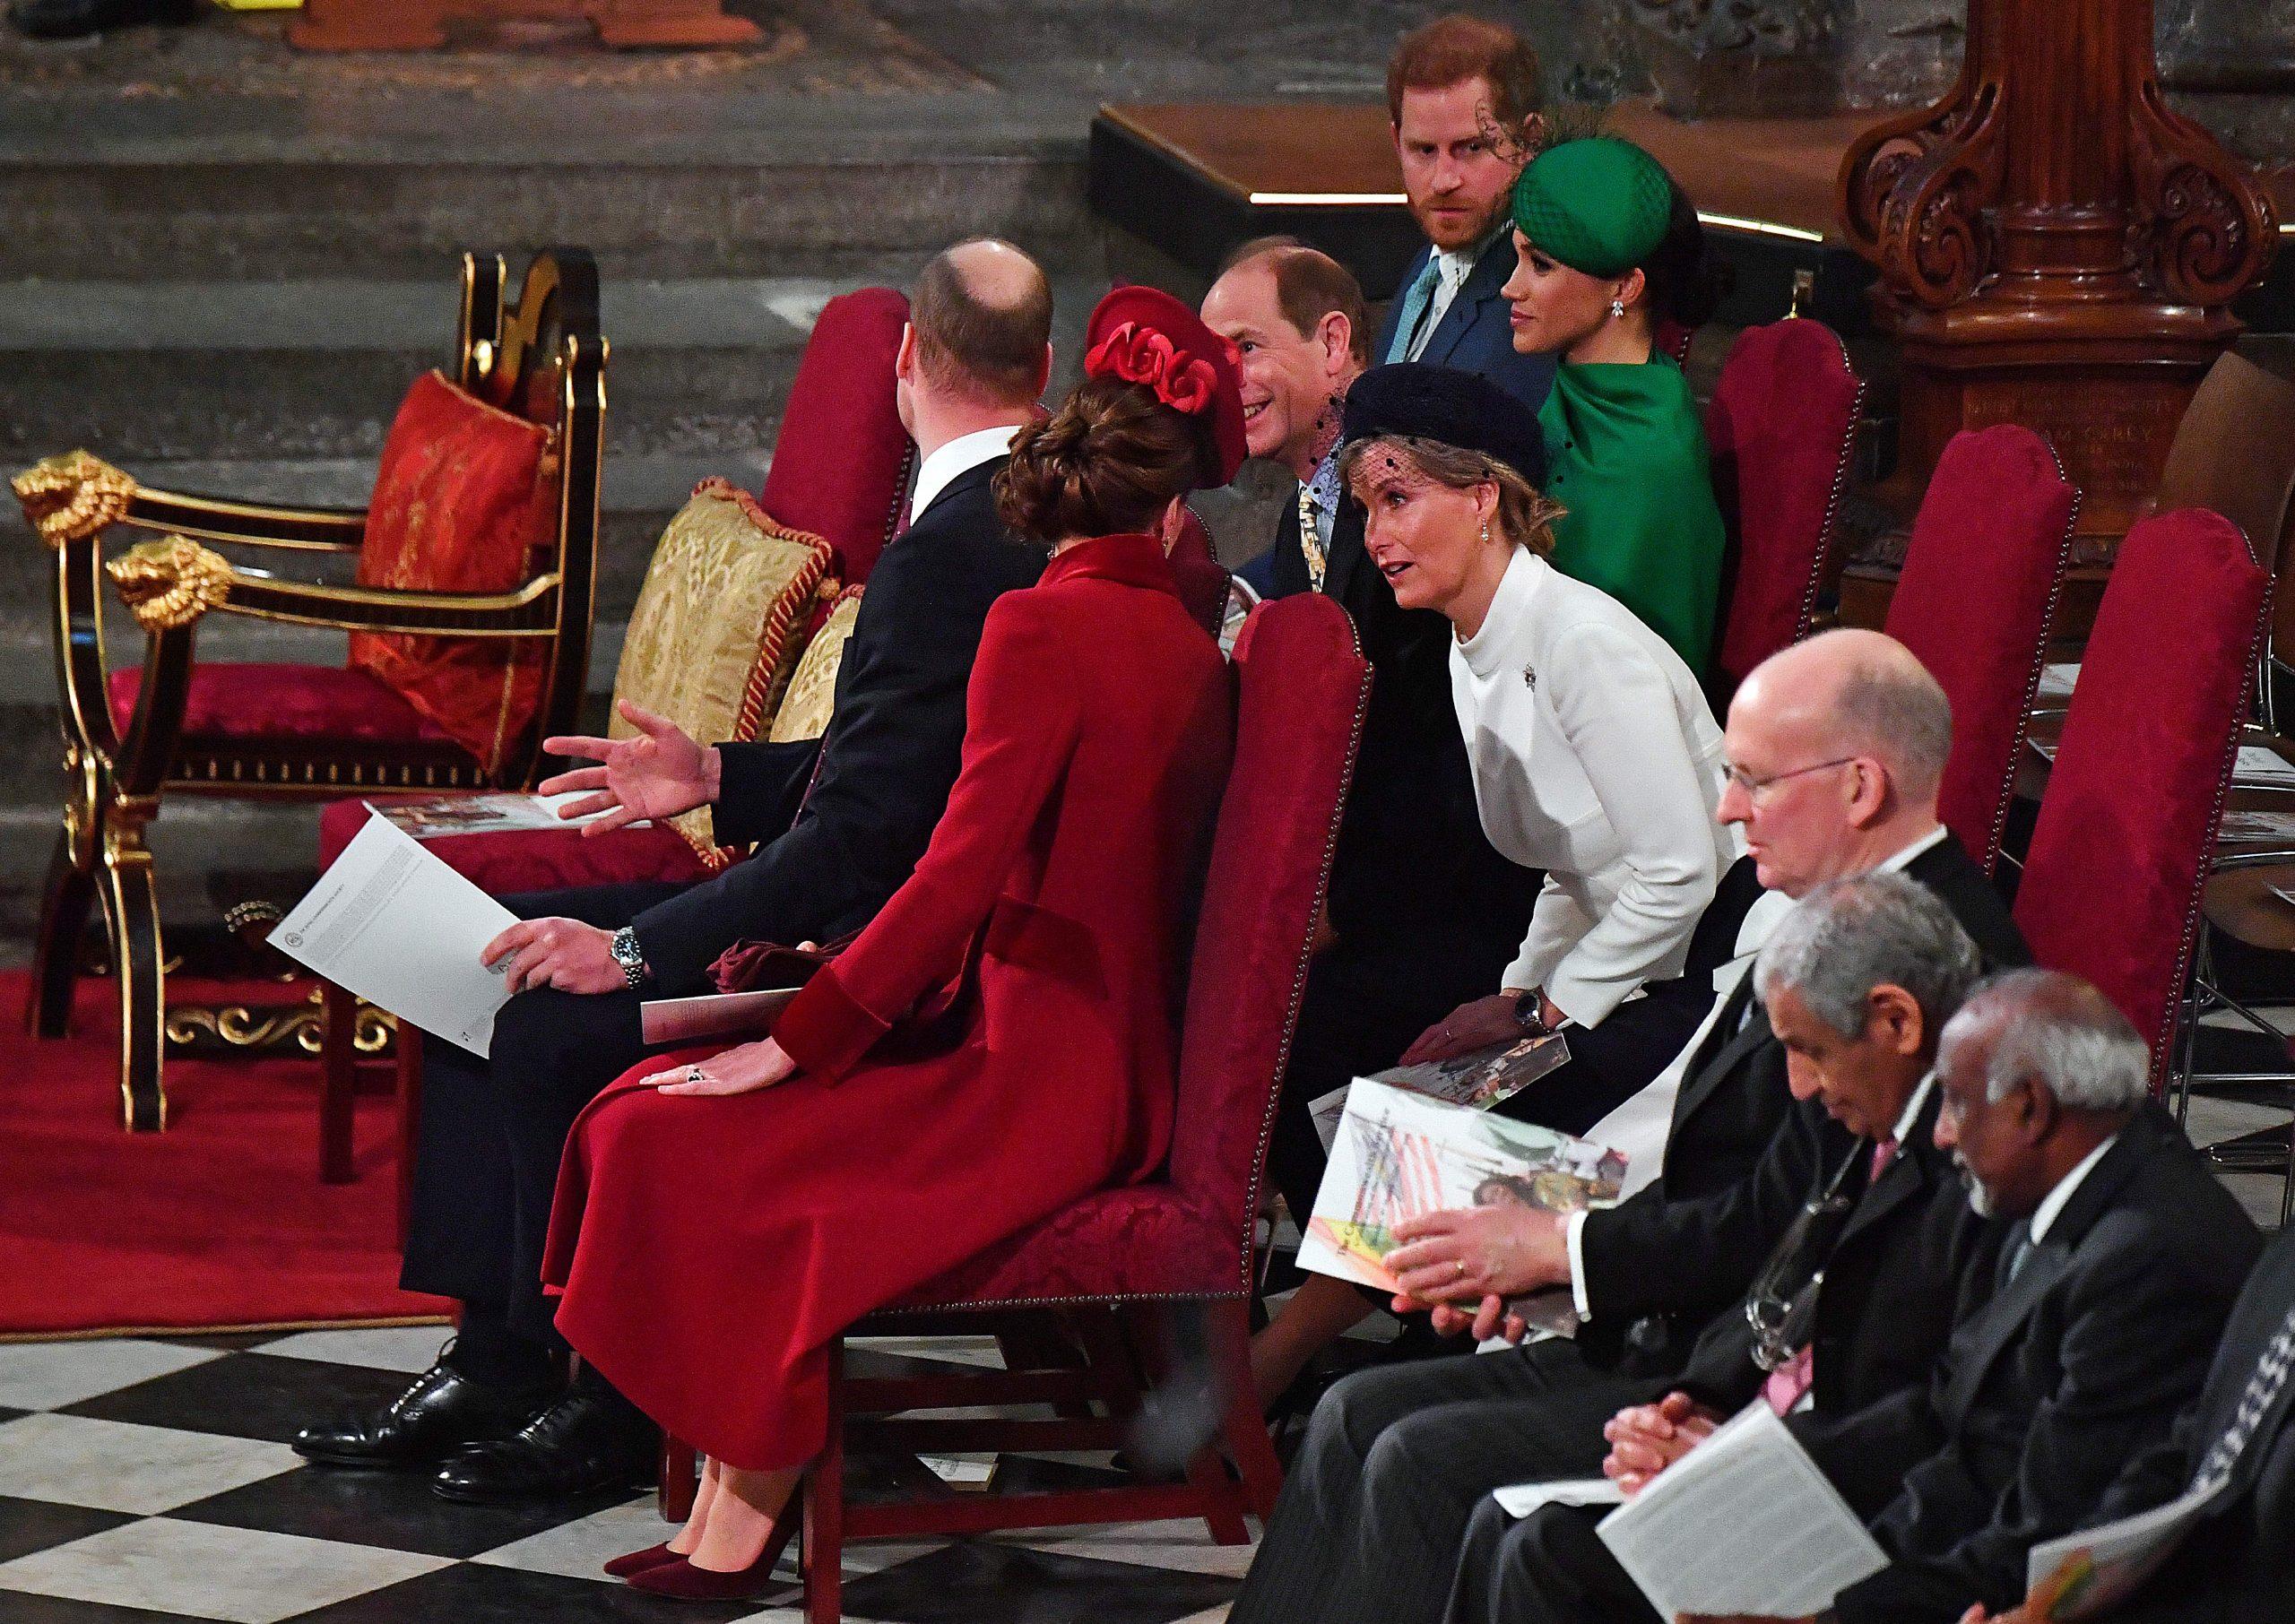 Prince Harry, Meghan Markle, Prince William et Kate Middleton, Edward et Sophie Wessex